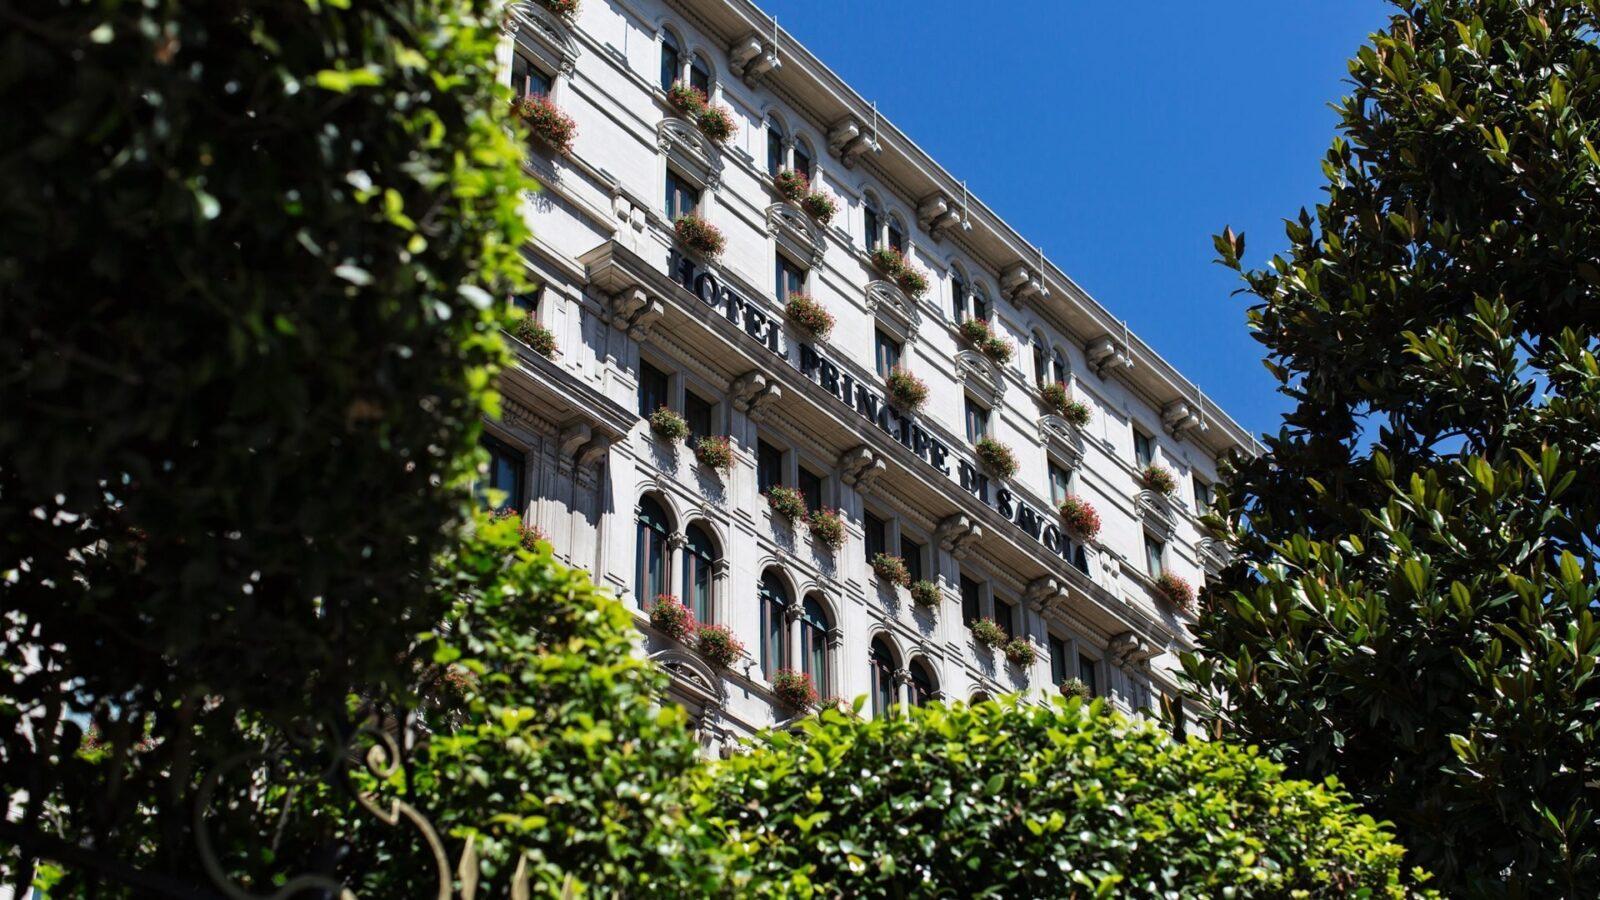 Hotel Principe di Savoia, facade